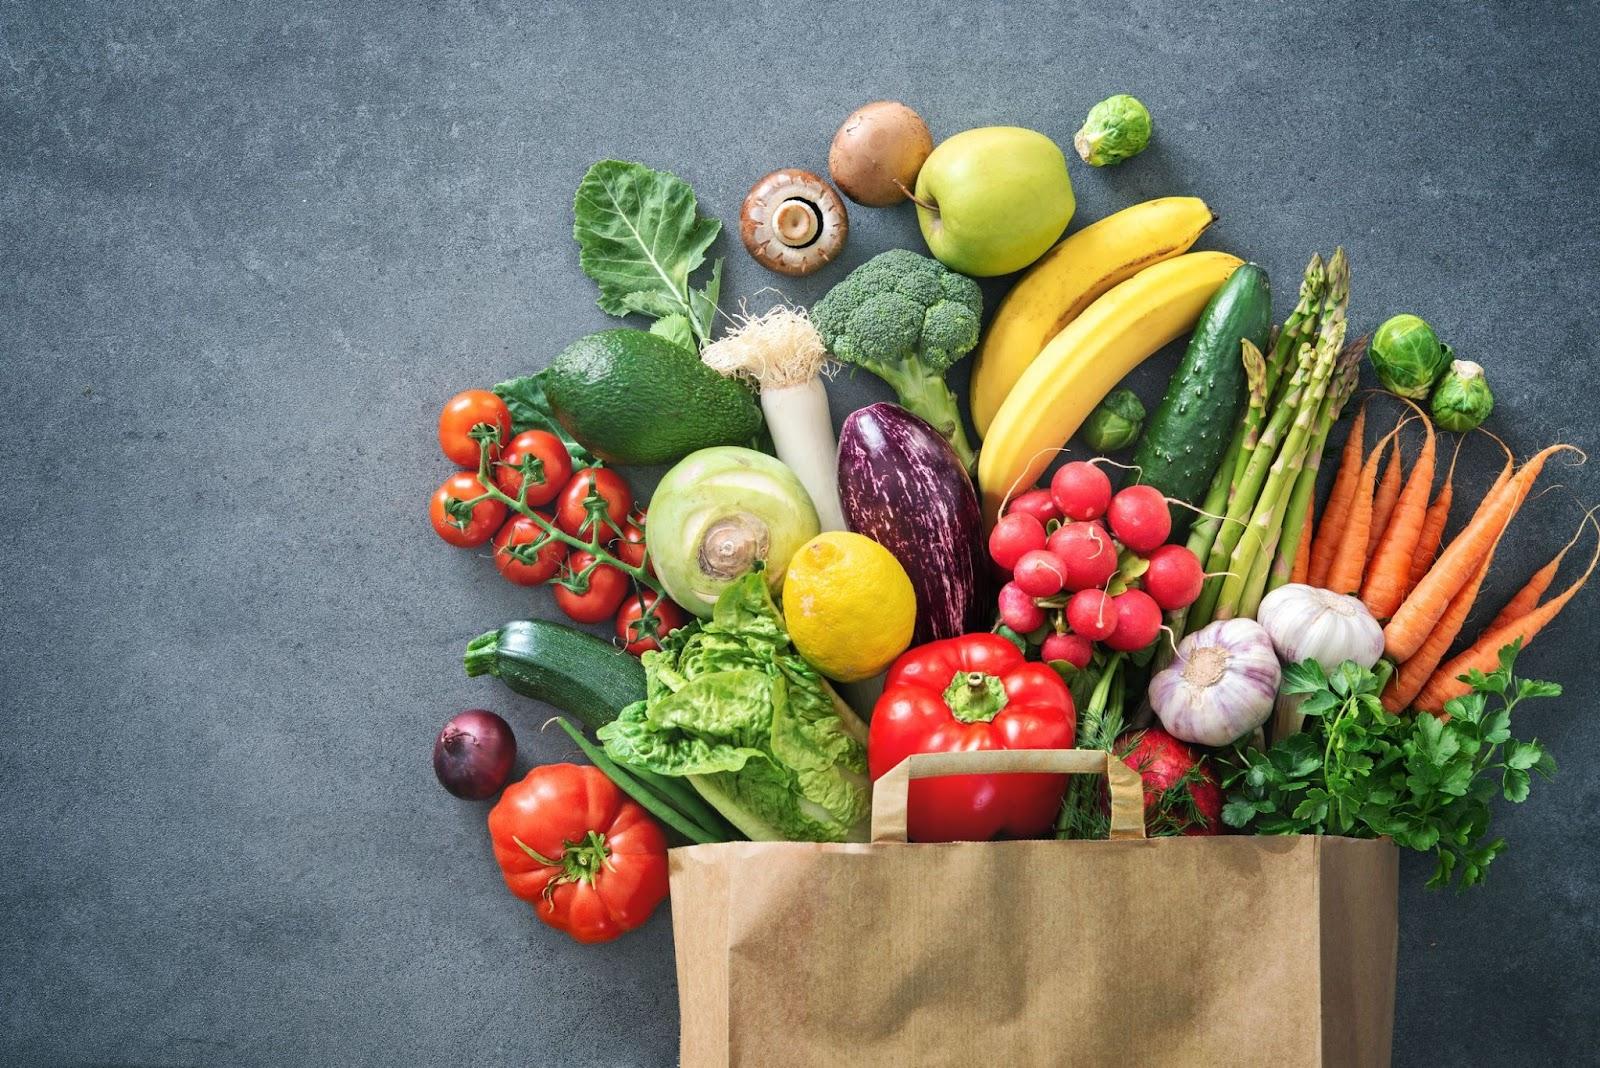 Ăn nhiều rau củ, trái cây chứa nhiều chất xơ